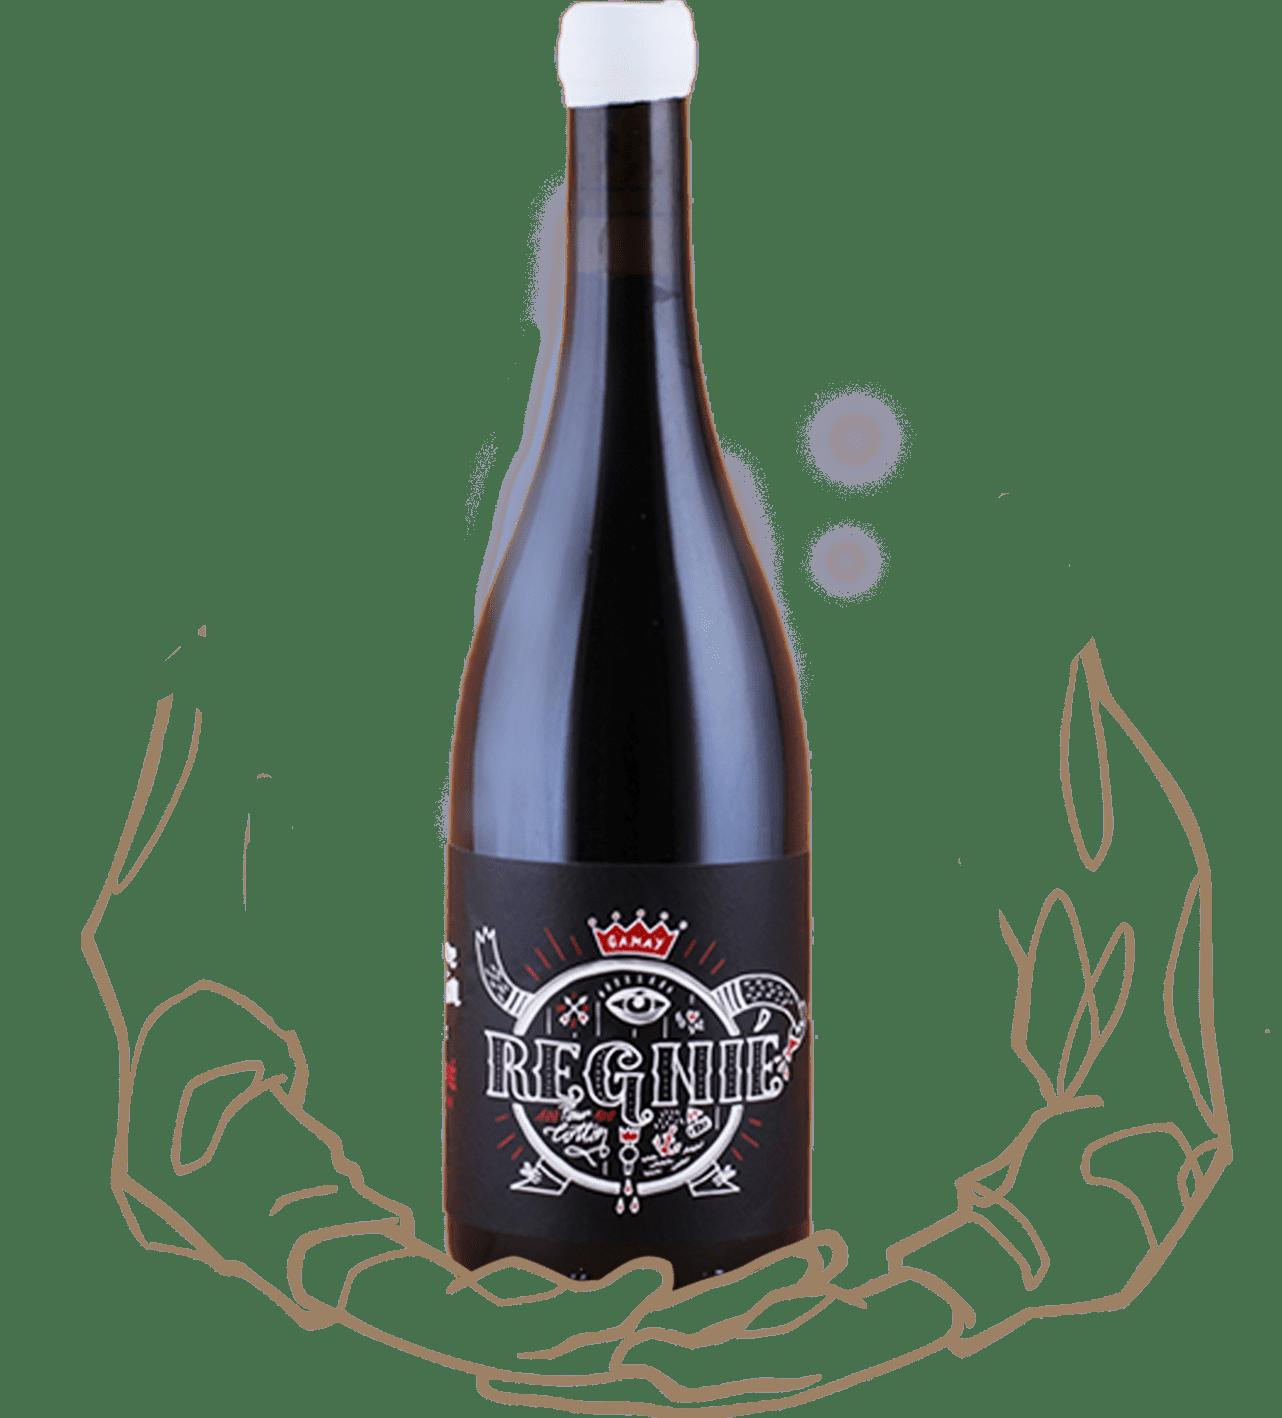 La cuvée Régnié de Pierre Cotton est un vin naturel du Beaujolais